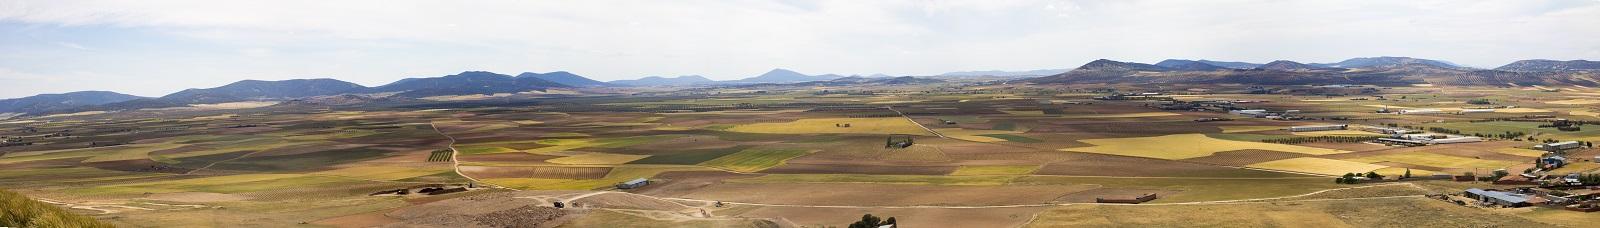 ICRDO La Mancha - vinos de calidad